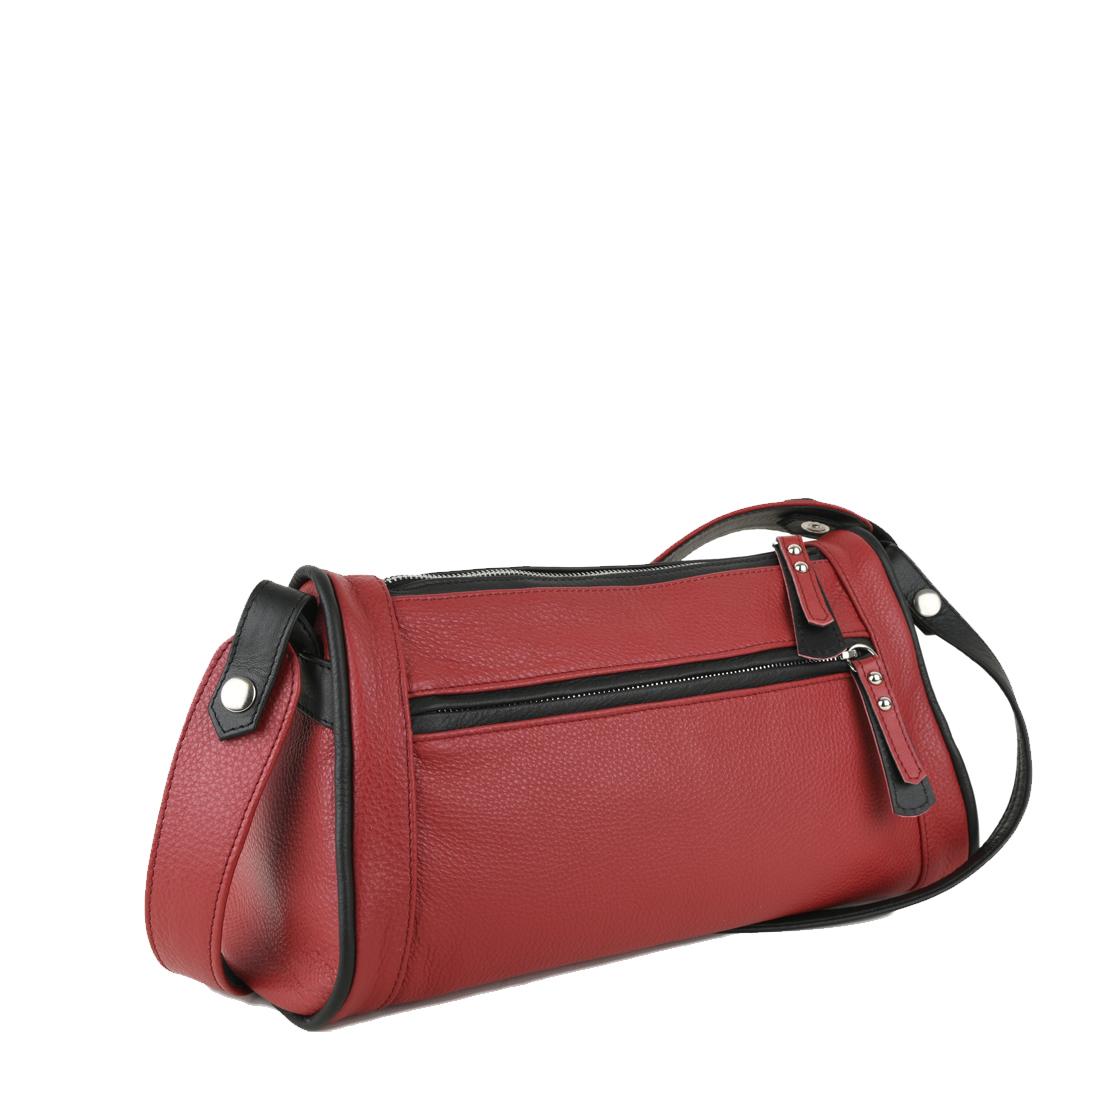 Petra Red Leather Shoulder Bag